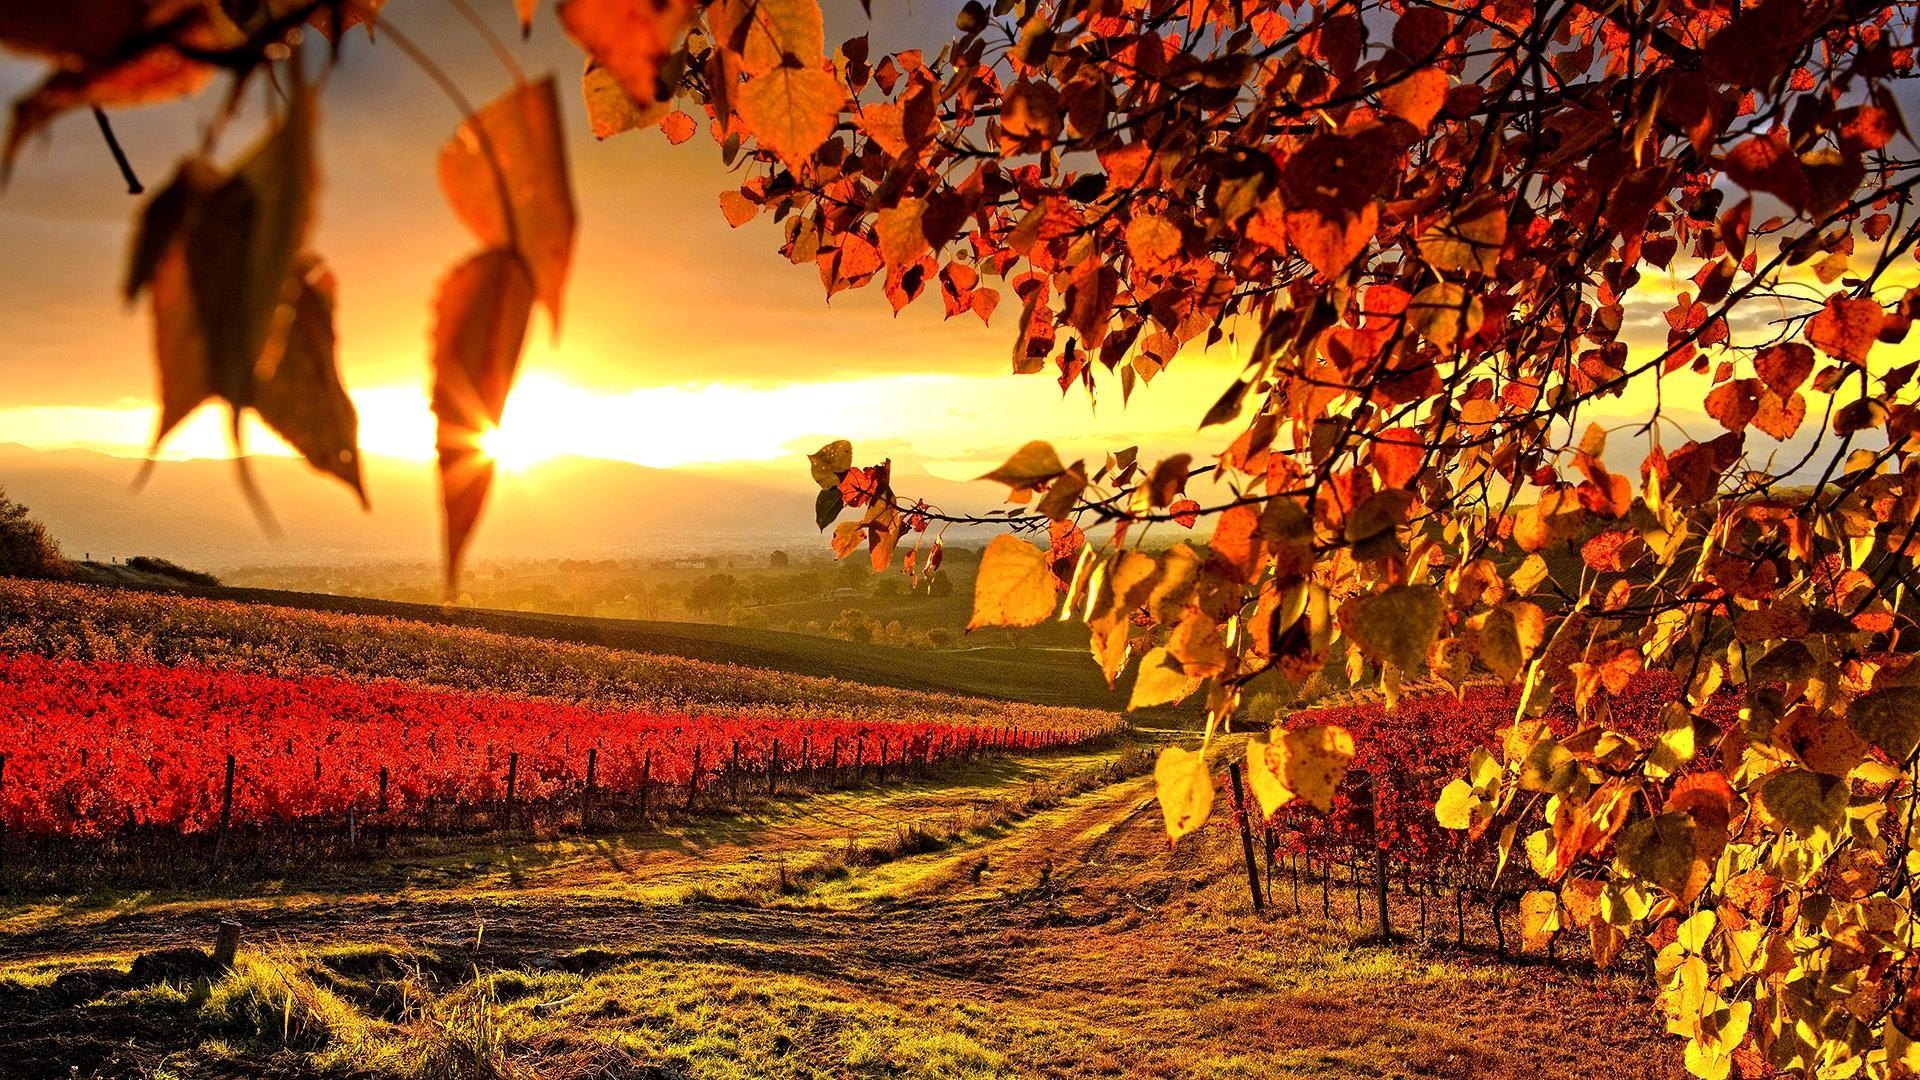 Màu vàng đỏ là màu chủ đạo của mùa thu, vì sao lại thế? Vì mùa thu là mùa cây cối bắt đầu vàng đi để chuẩn bị thay lá, ...